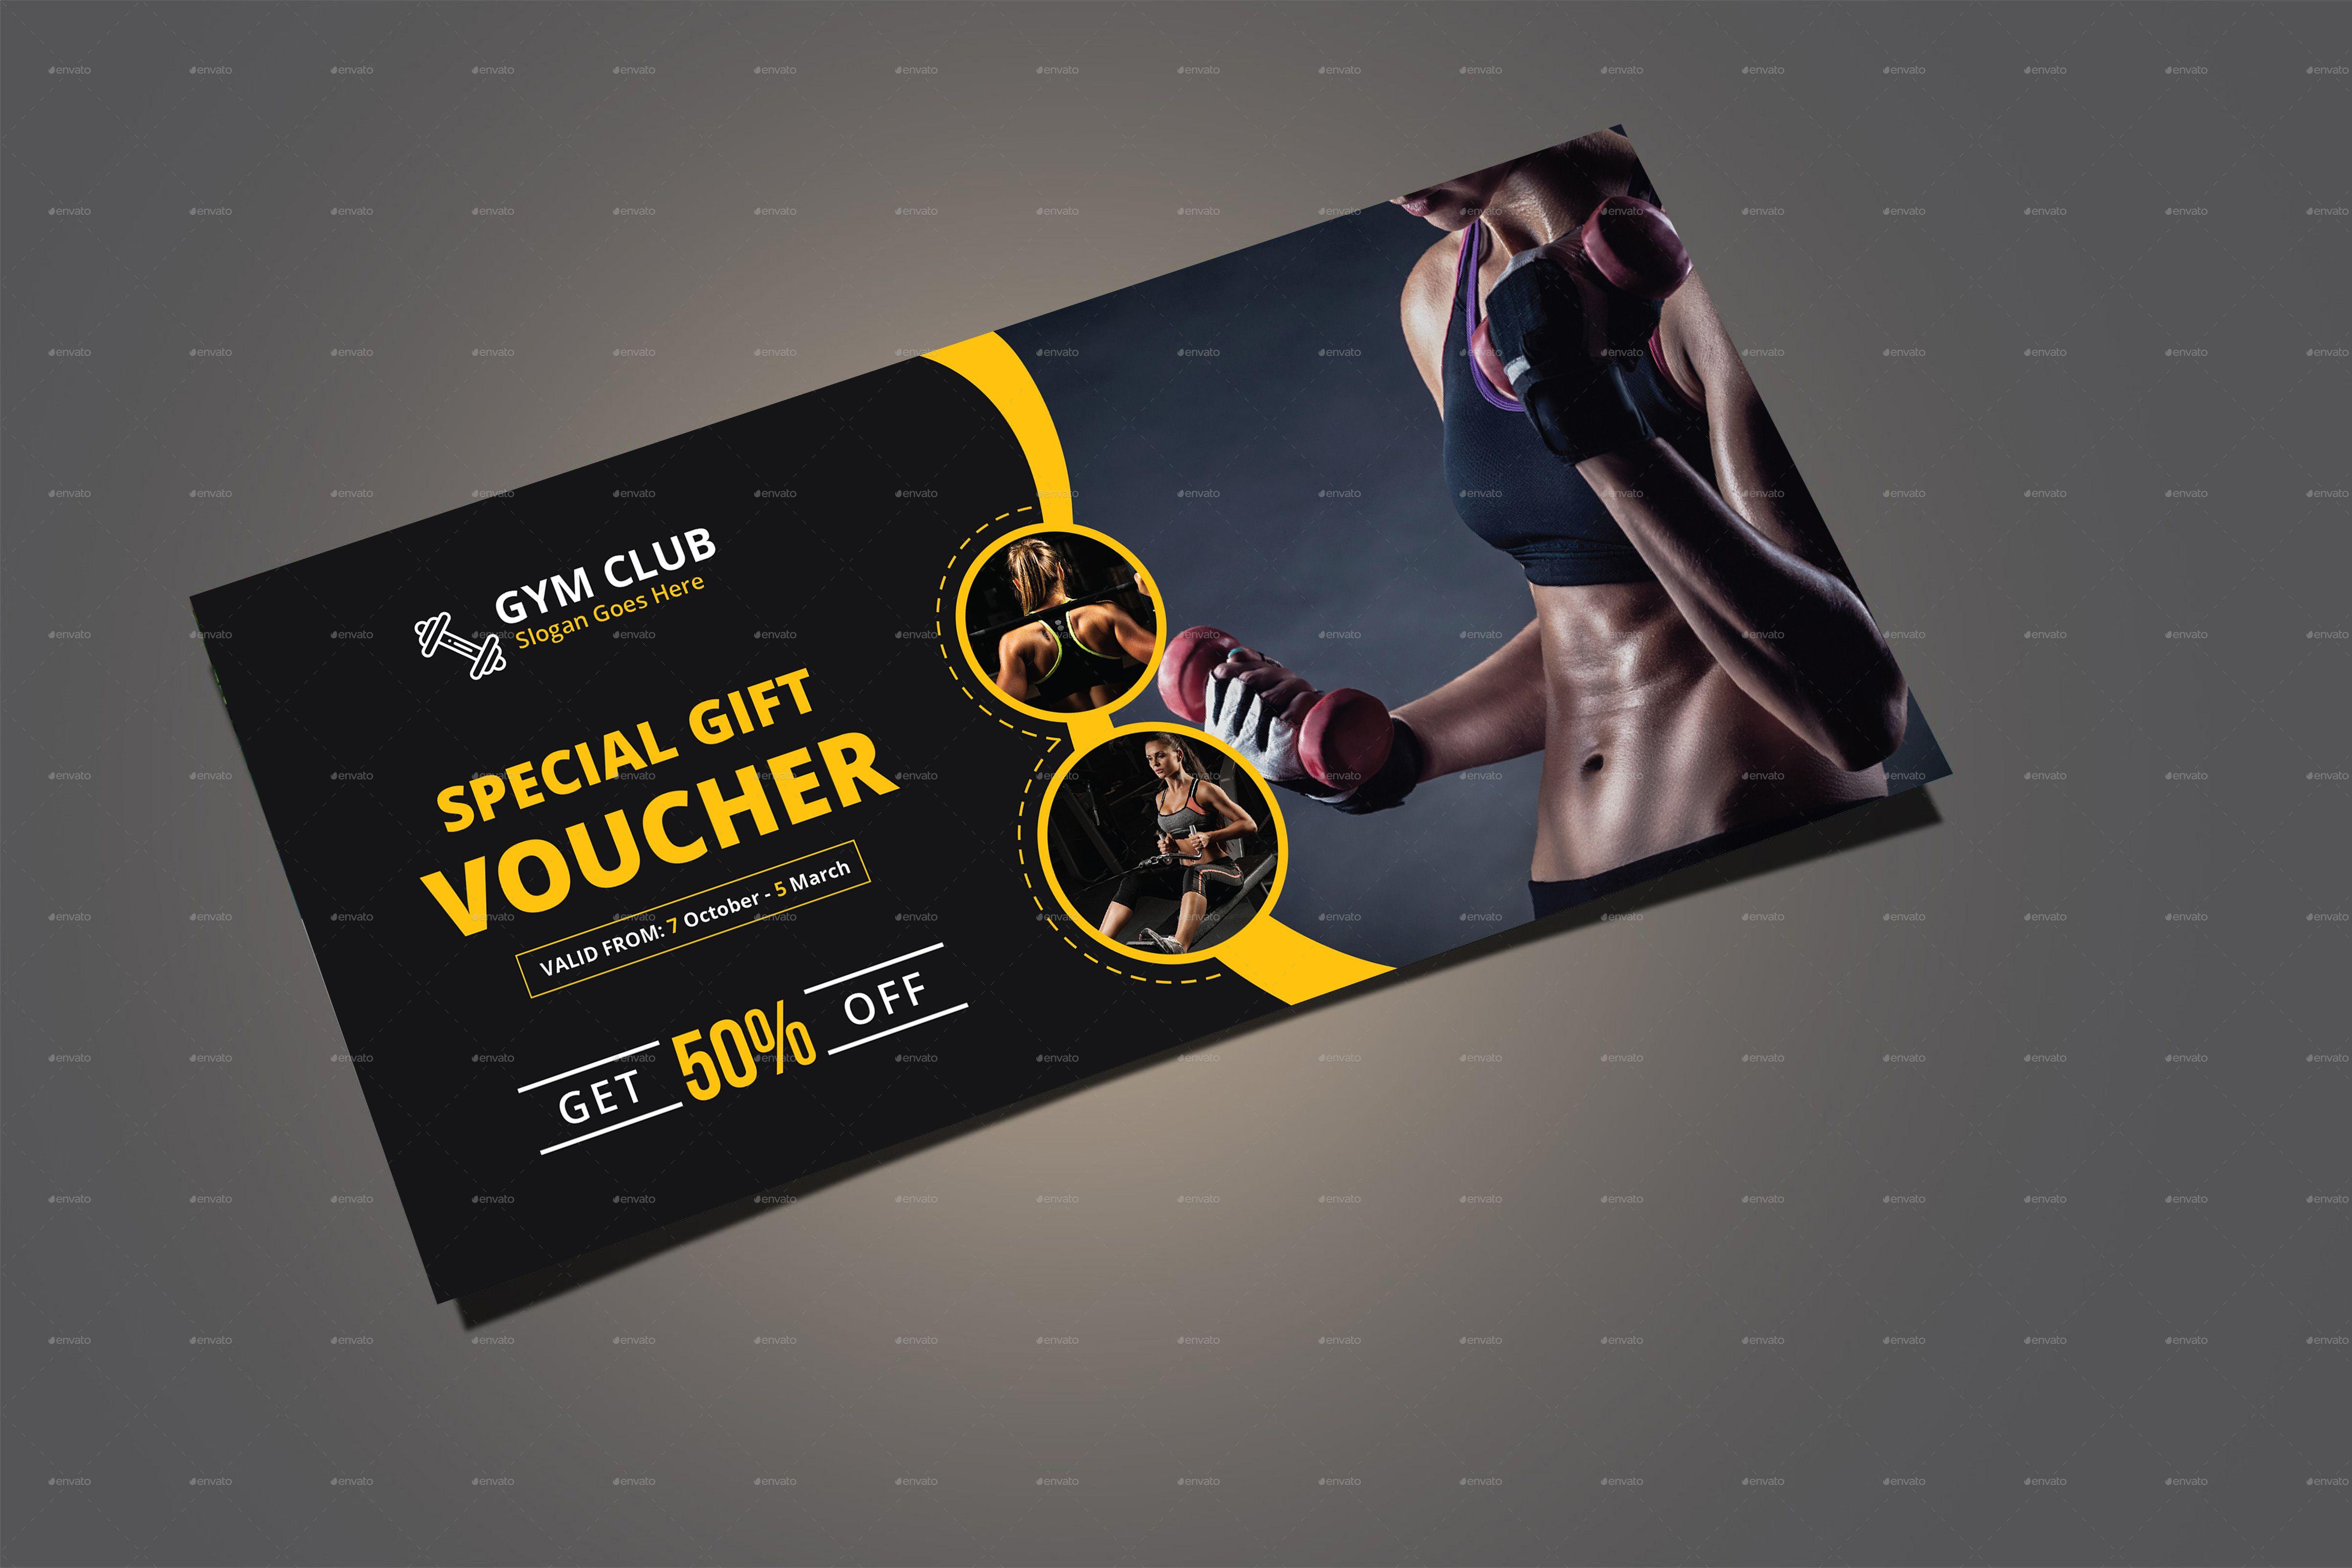 Fitness Gym Gift Voucher Template Voucher Design Gift Certificate Template Gift Voucher Design